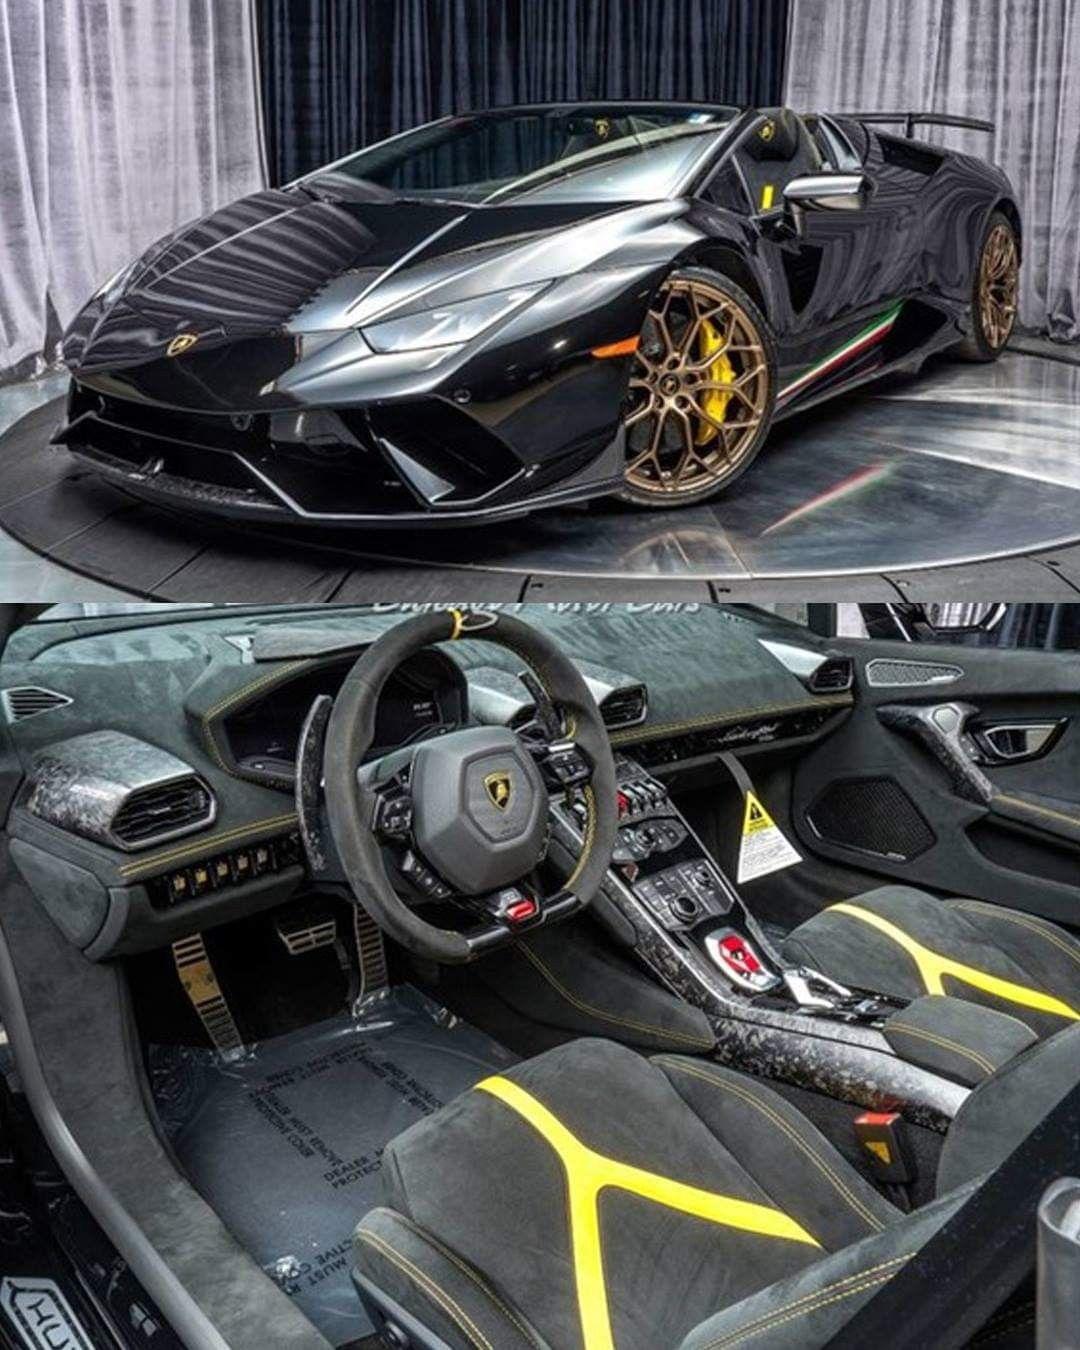 2018 Lamborghini Huracan Performante Spyder Engine 5 2l V10